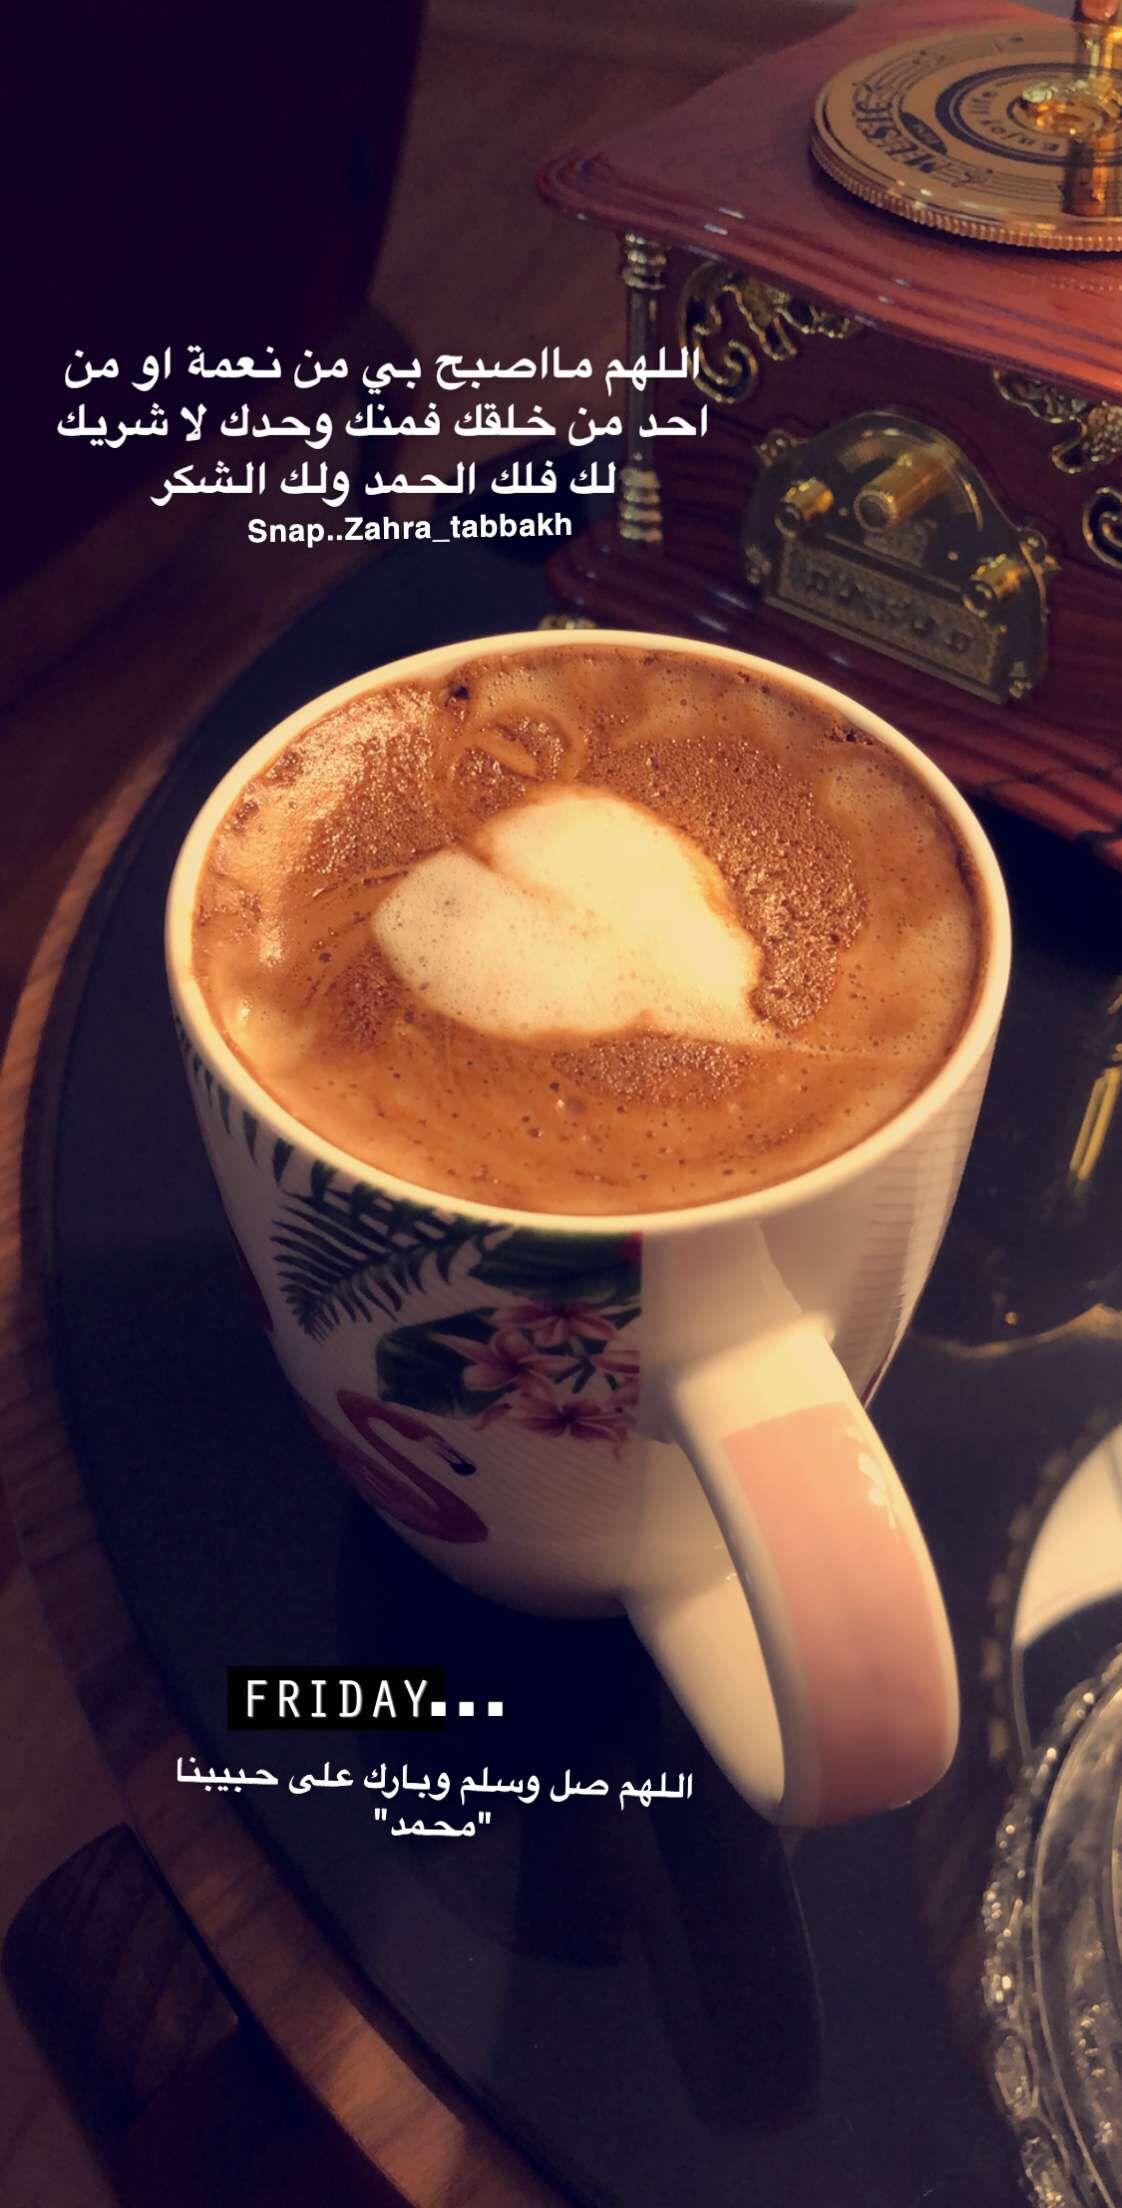 اللهم صل على حبيبنا محمد Arabic Love Quotes Food Coffee